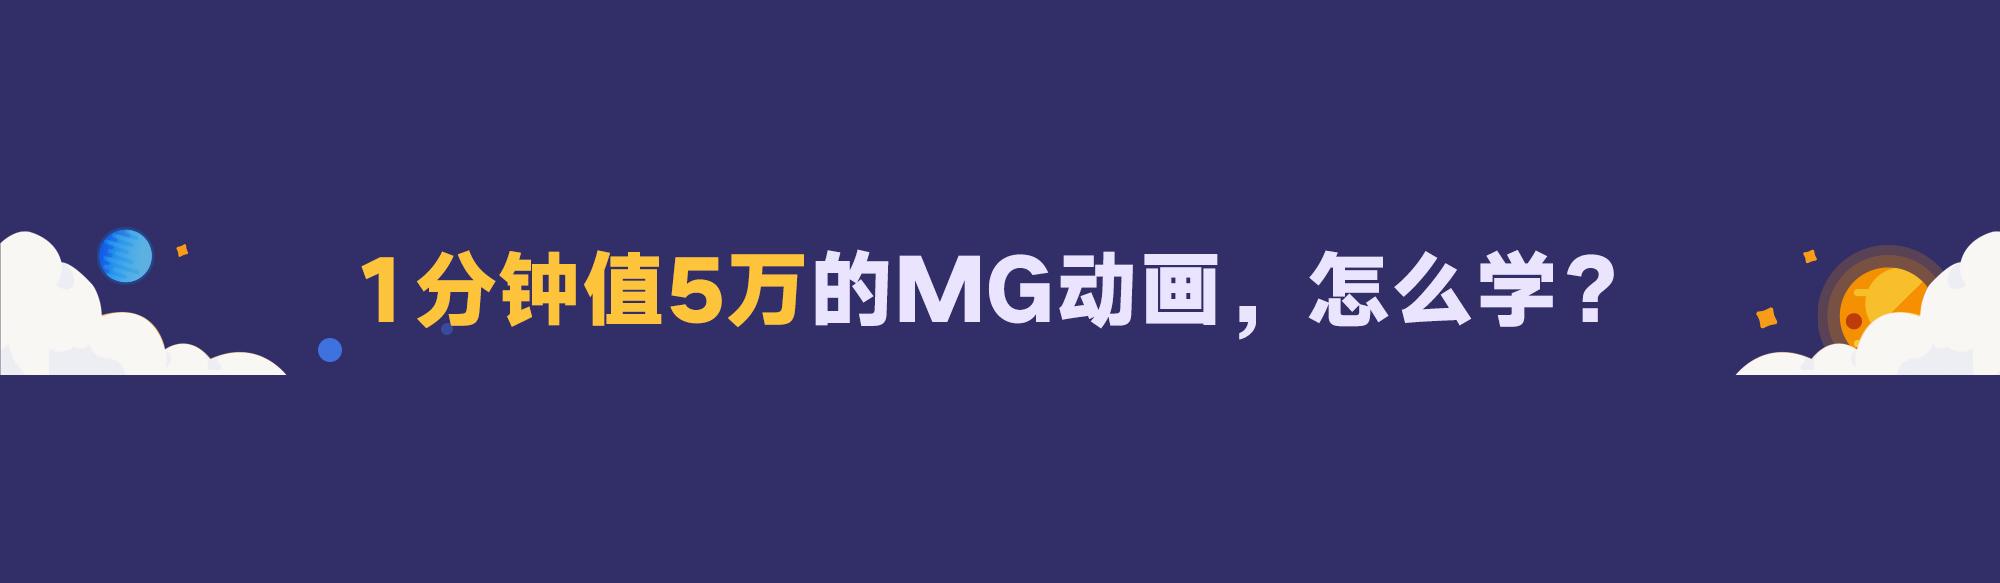 MG动画设计实战班第3期